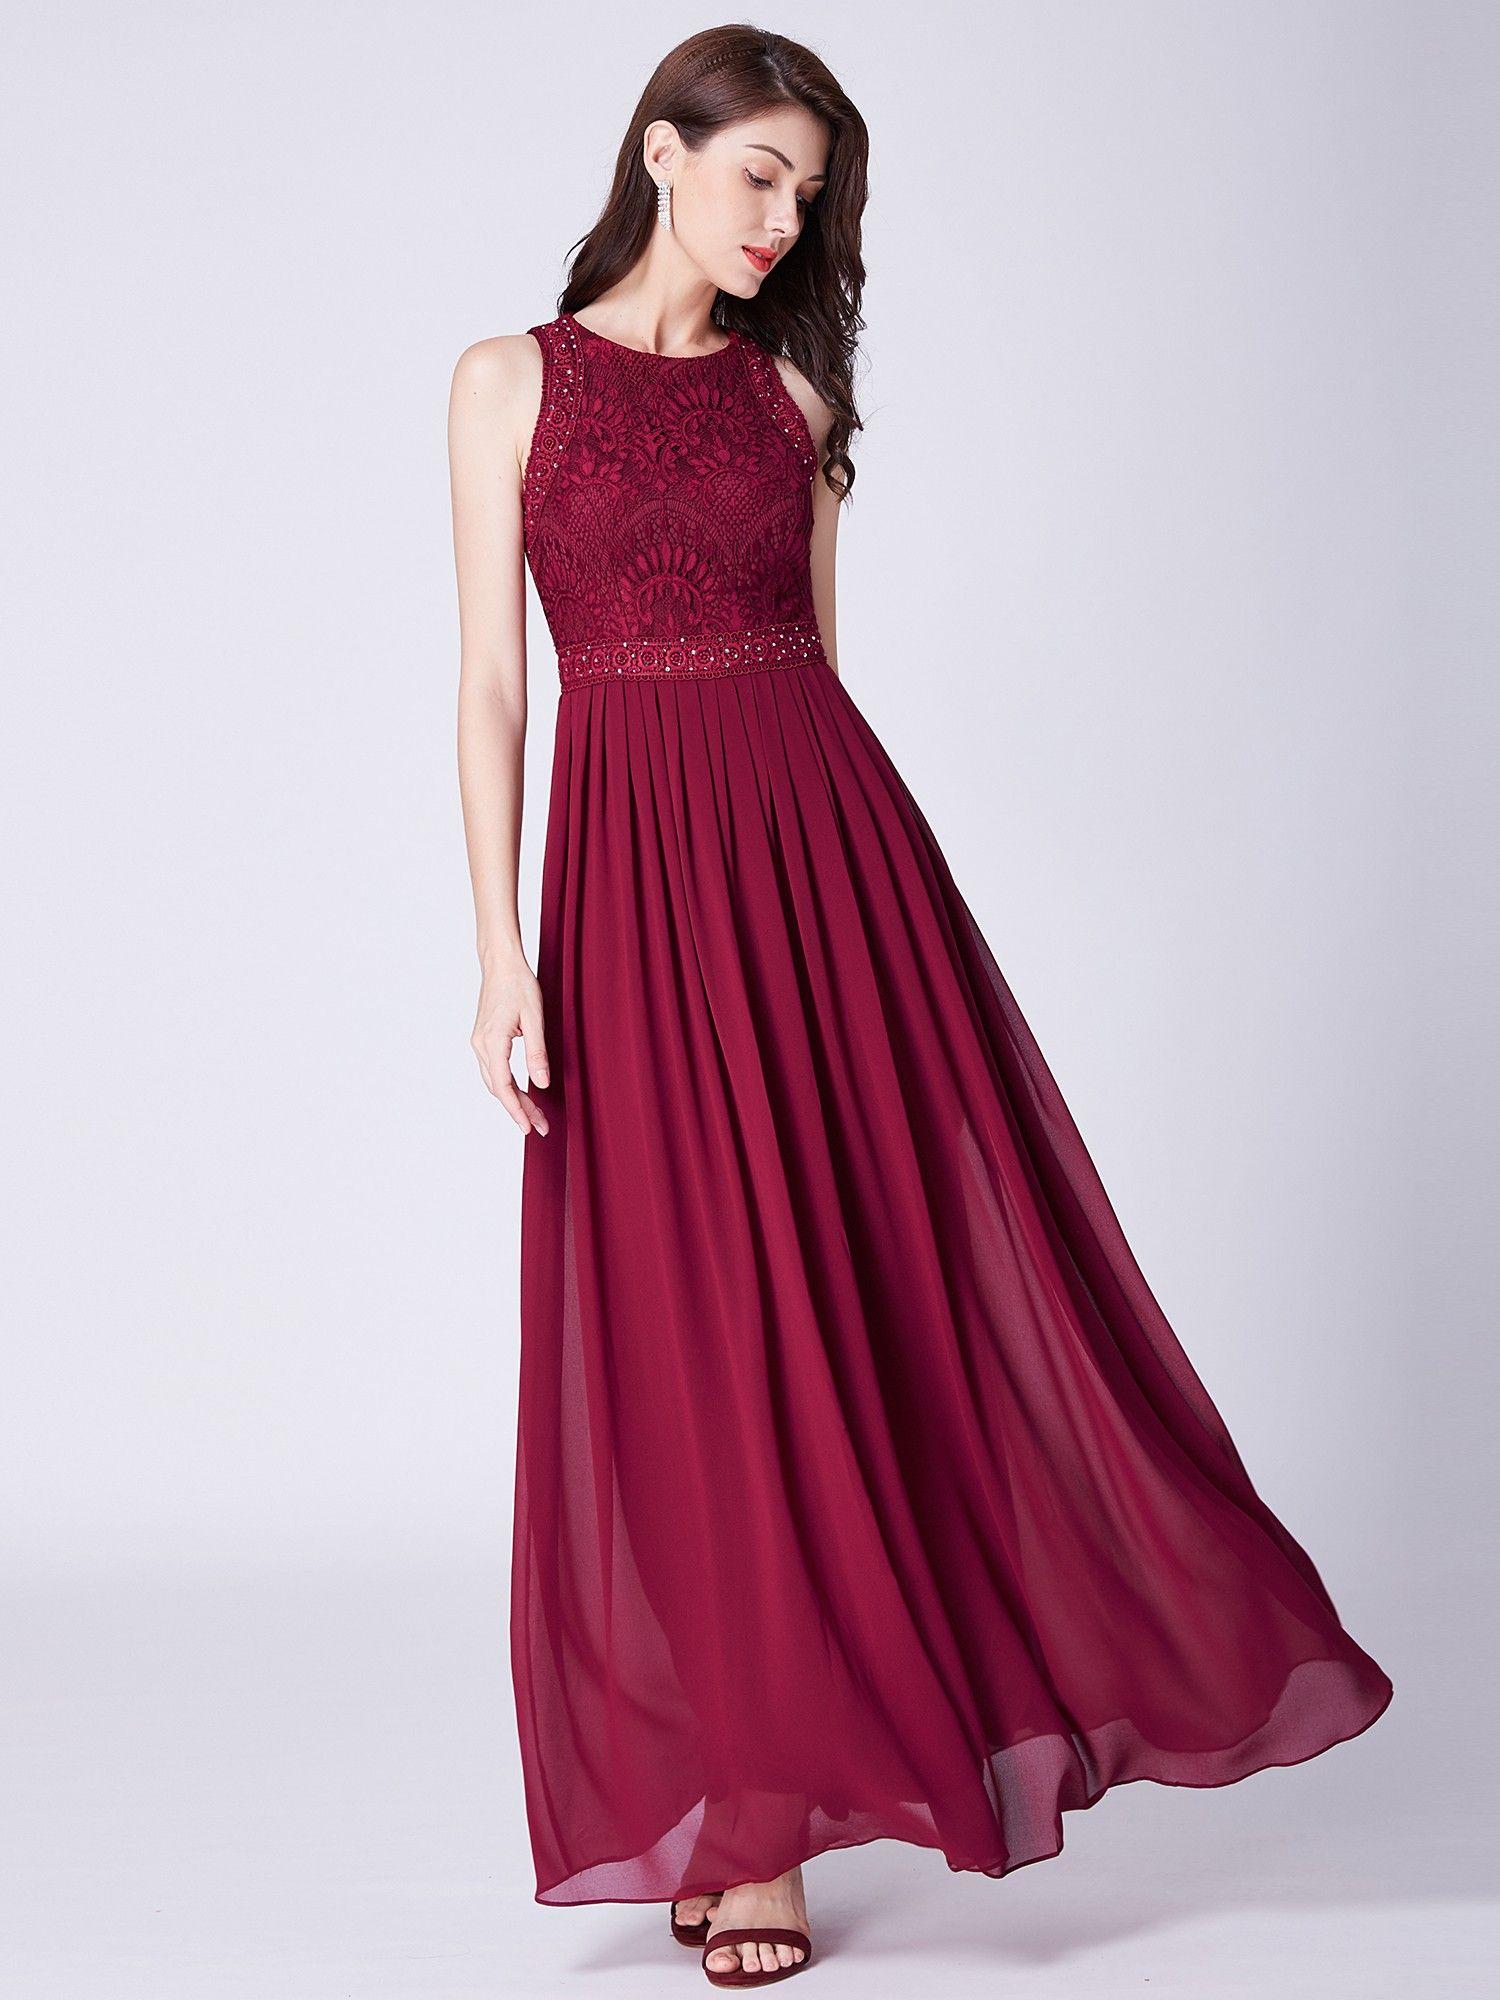 Sleeveless high collar long a line evening dress bridesmaids